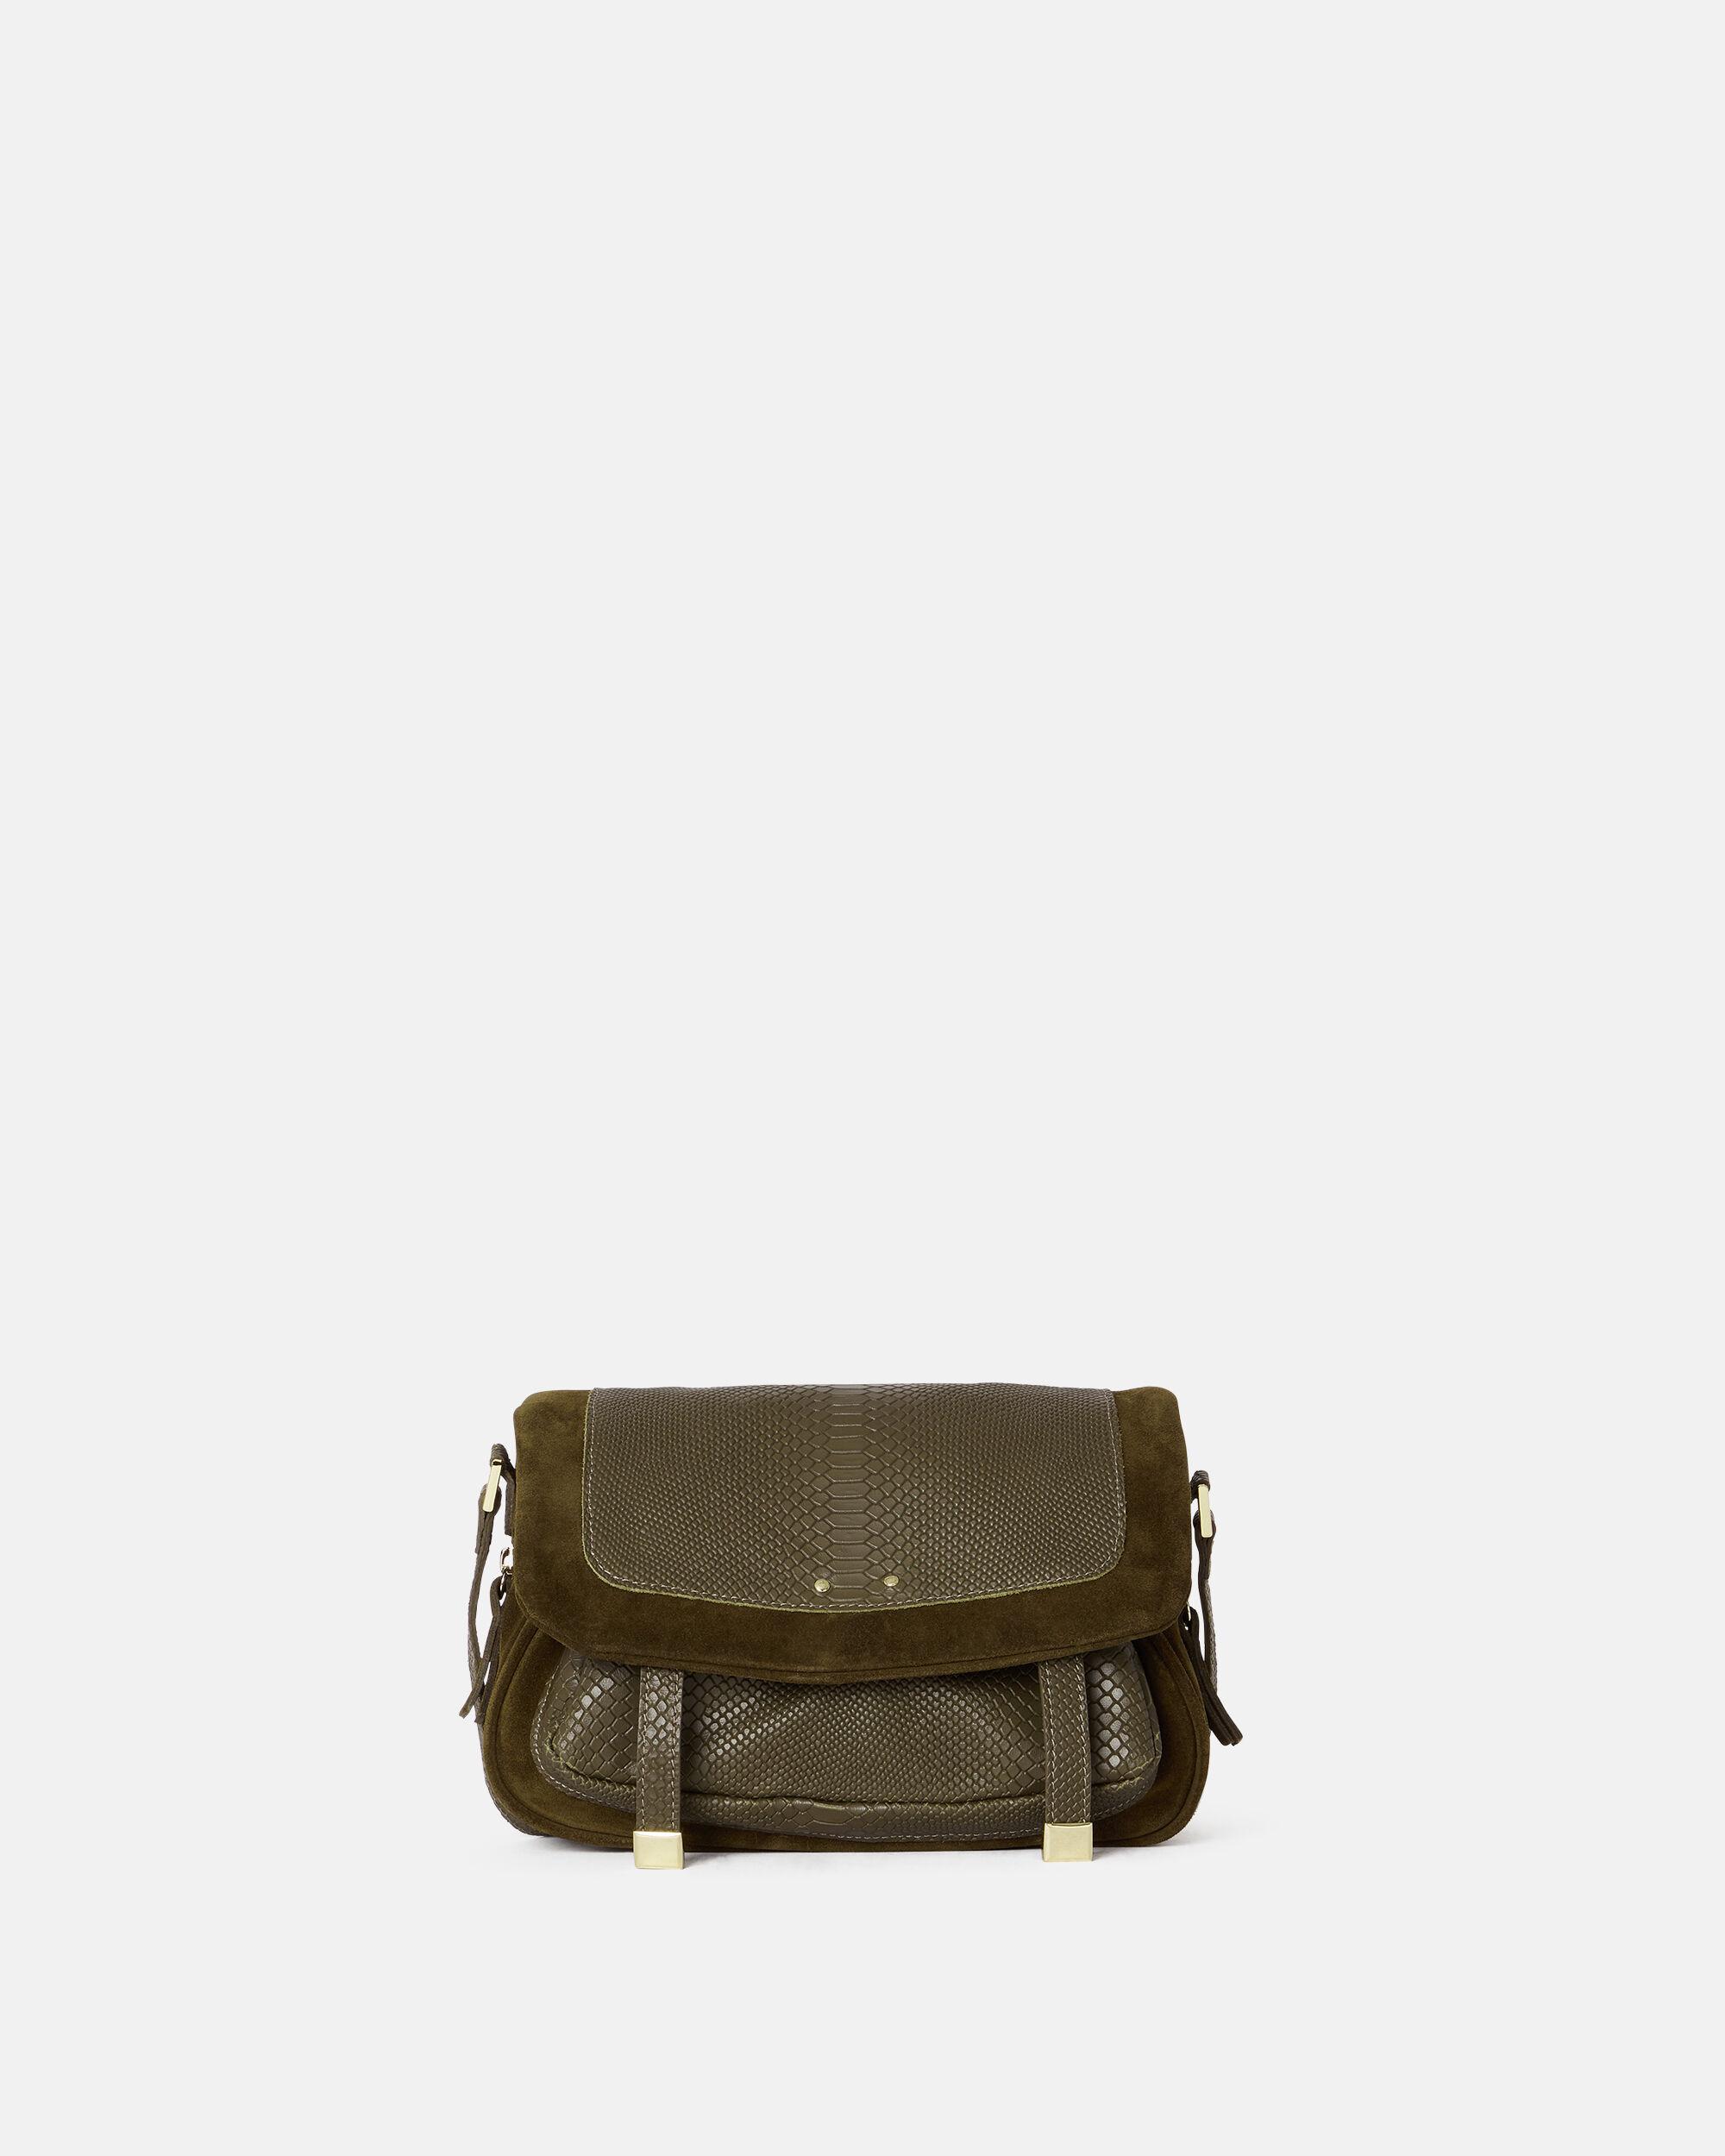 Haoda Bagages Accroche-Sac Femme Noir Noir Accessoires de sac à main